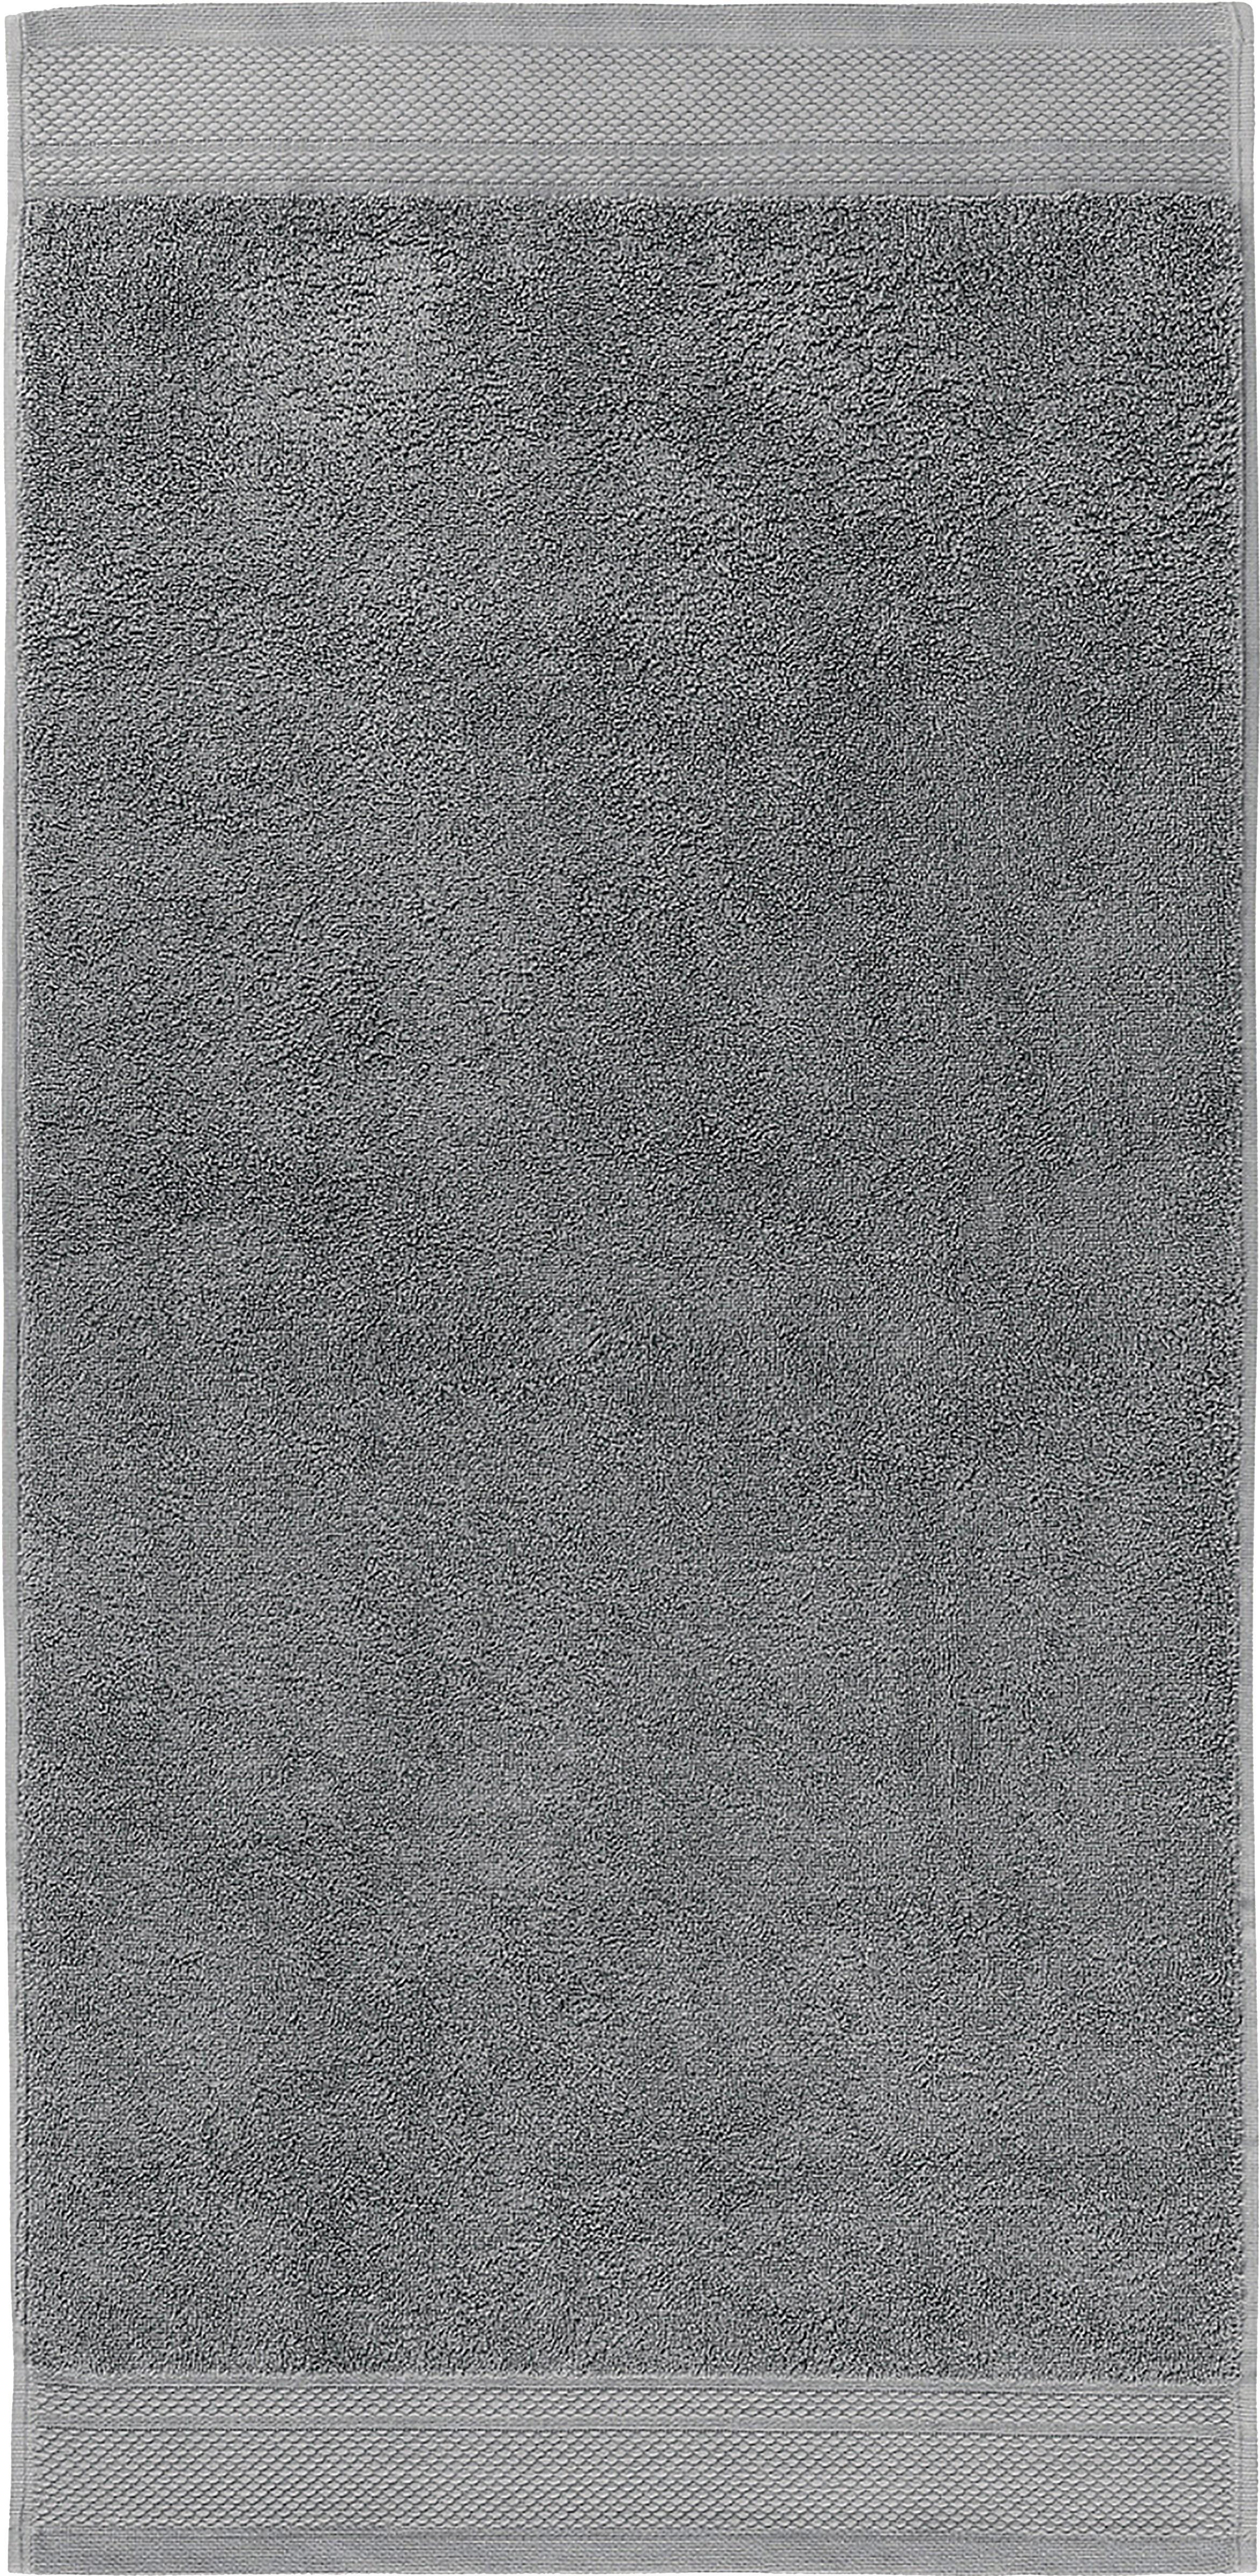 Asciugamano con bordo decorativo Premium, Grigio scuro, Asciugamano